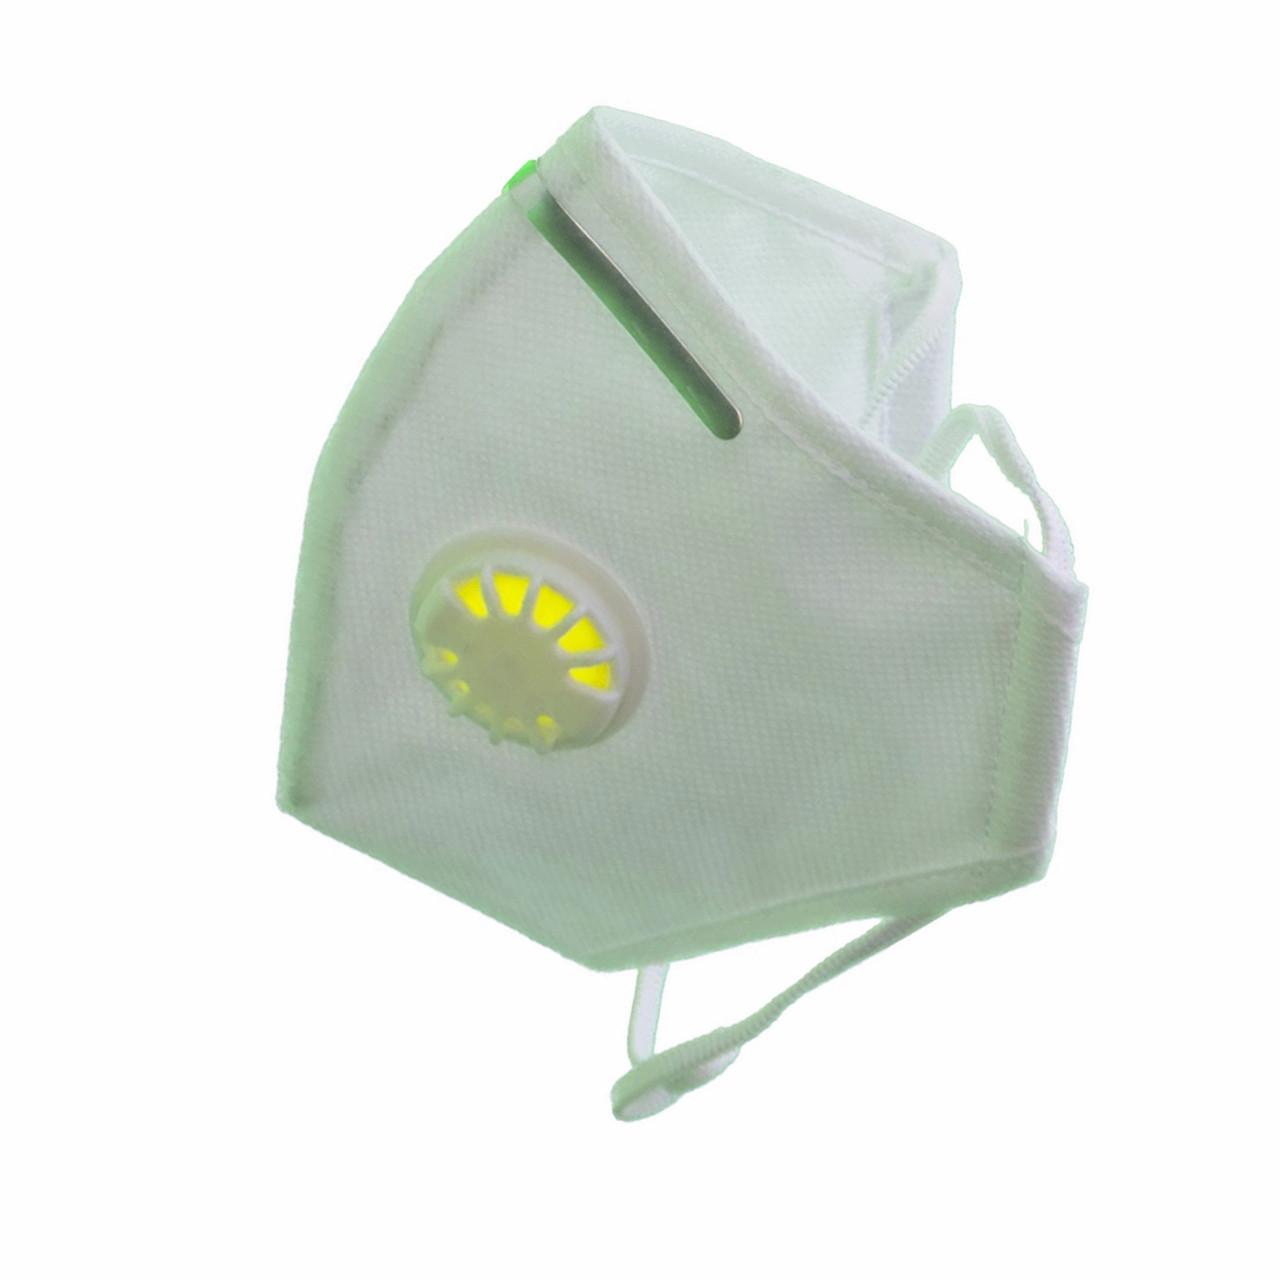 3 шт. Респиратор Славия ffp3 с клапаном и зажимом, белый, 3 шт